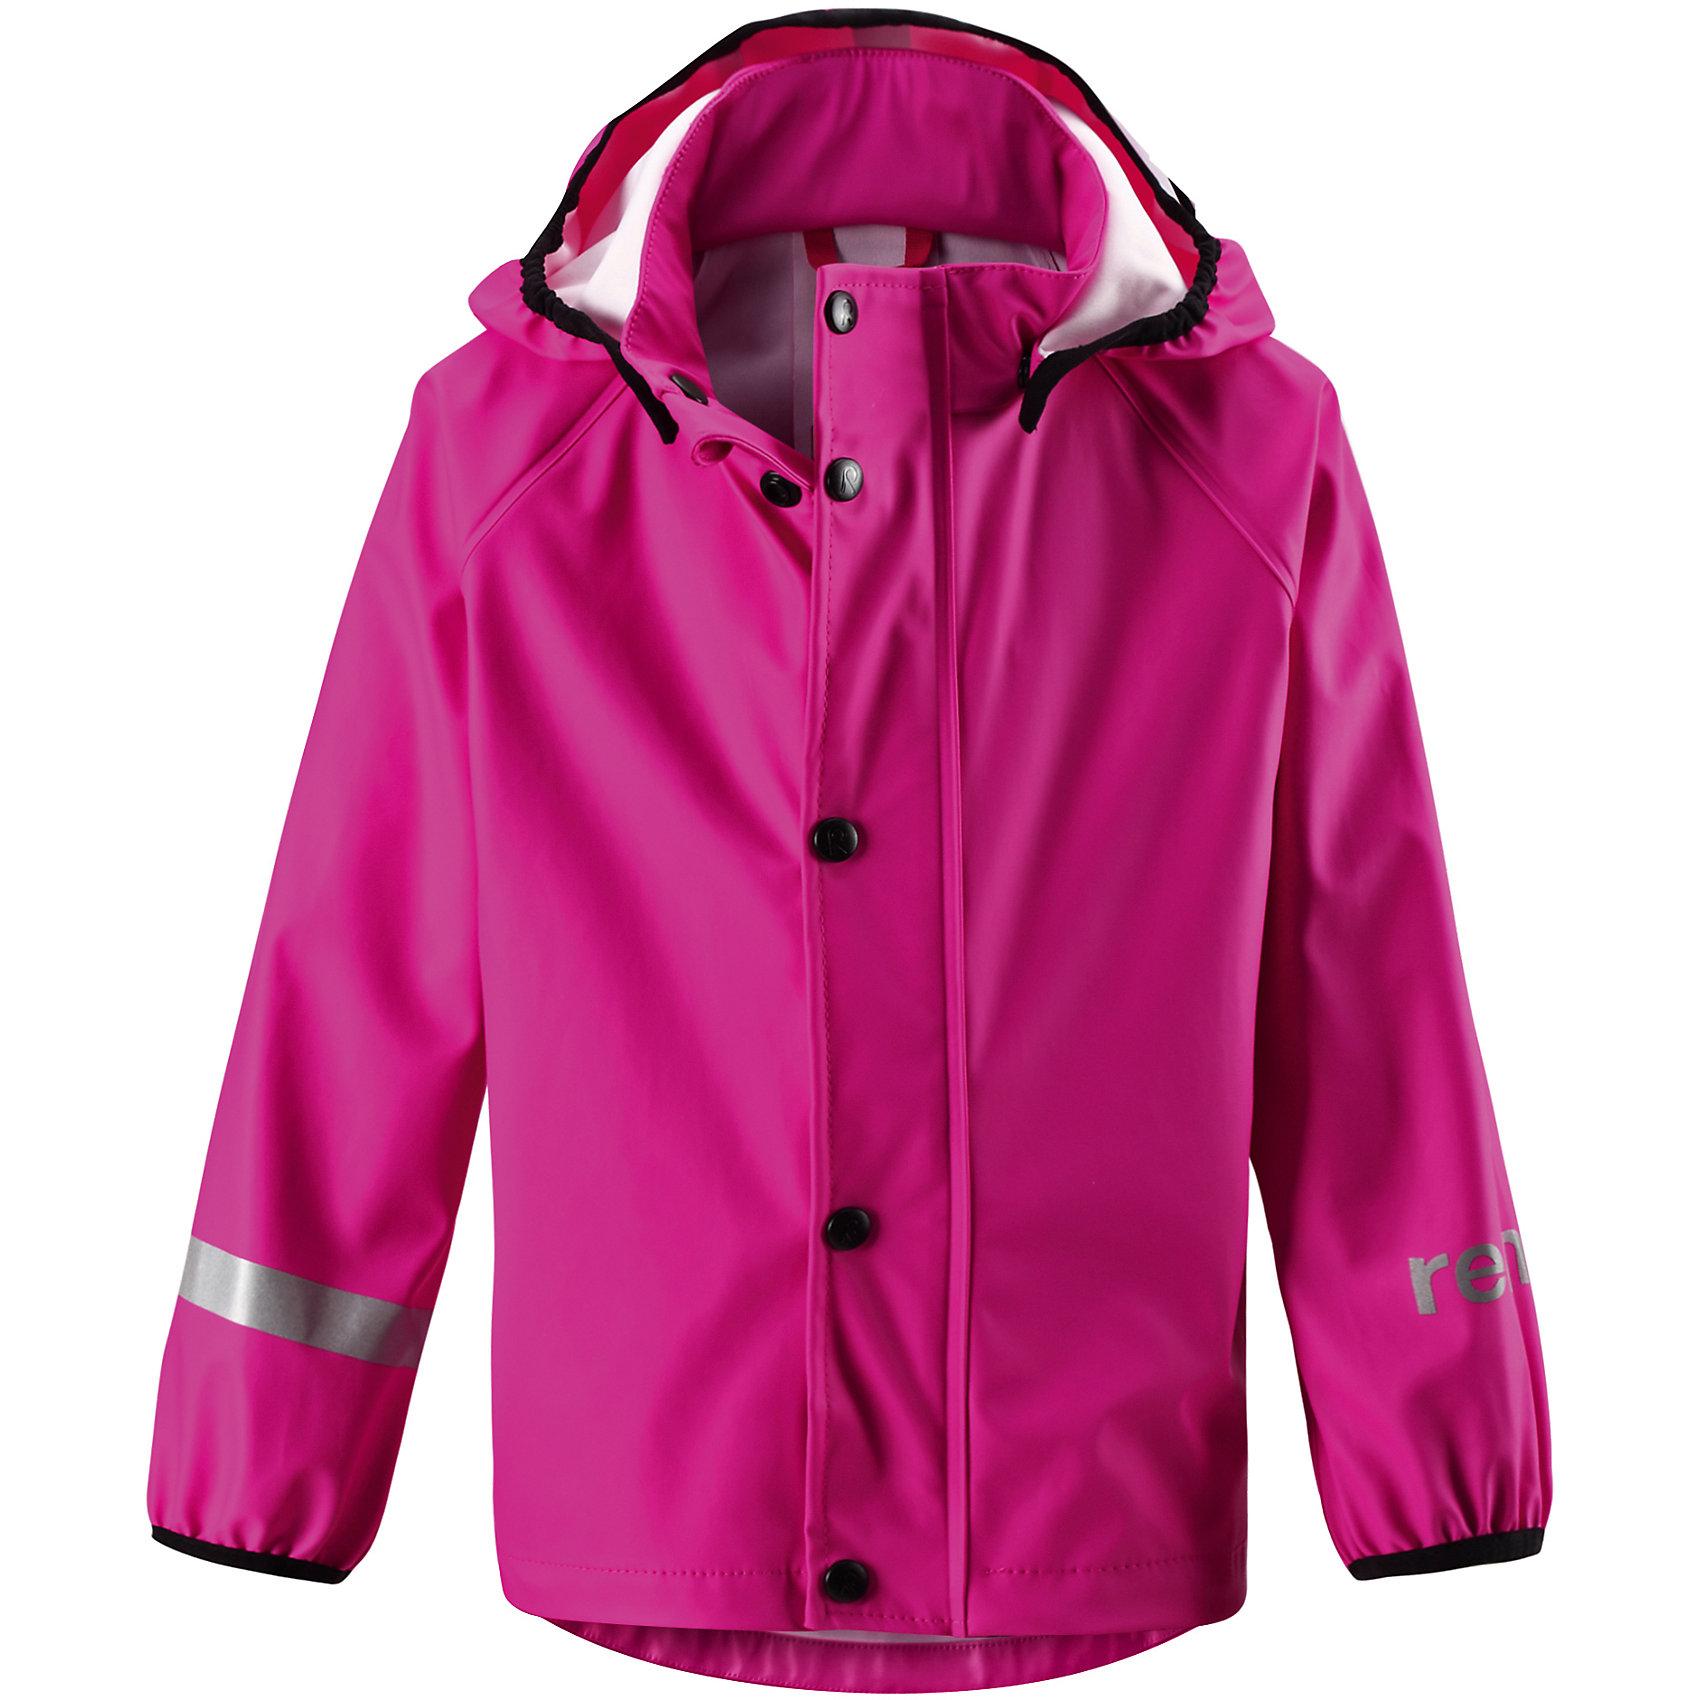 Плащ-дождевик Lampi для девочки ReimaПлащ-дождевик  Reima<br>Куртка-дождевик для детей. Запаянные швы, не пропускающие влагу. Эластичный материал. Без ПХВ. Безопасный, съемный капюшон. Эластичная резинка на кромке капюшона. Эластичные манжеты. Молния спереди. Безопасные светоотражающие детали. Отличный вариант для дождливой погоды.<br>Уход:<br>Стирать по отдельности, вывернув наизнанку. Застегнуть молнии и липучки. Стирать моющим средством, не содержащим отбеливающие вещества. Полоскать без специального средства. Во избежание изменения цвета изделие необходимо вынуть из стиральной машинки незамедлительно после окончания программы стирки. Сушить при низкой температуре.<br>Состав:<br>100% Полиамид, полиуретановое покрытие<br><br>Ширина мм: 356<br>Глубина мм: 10<br>Высота мм: 245<br>Вес г: 519<br>Цвет: розовый<br>Возраст от месяцев: 18<br>Возраст до месяцев: 24<br>Пол: Женский<br>Возраст: Детский<br>Размер: 92,86,134,110,128,116,122,140,98,104<br>SKU: 4776415